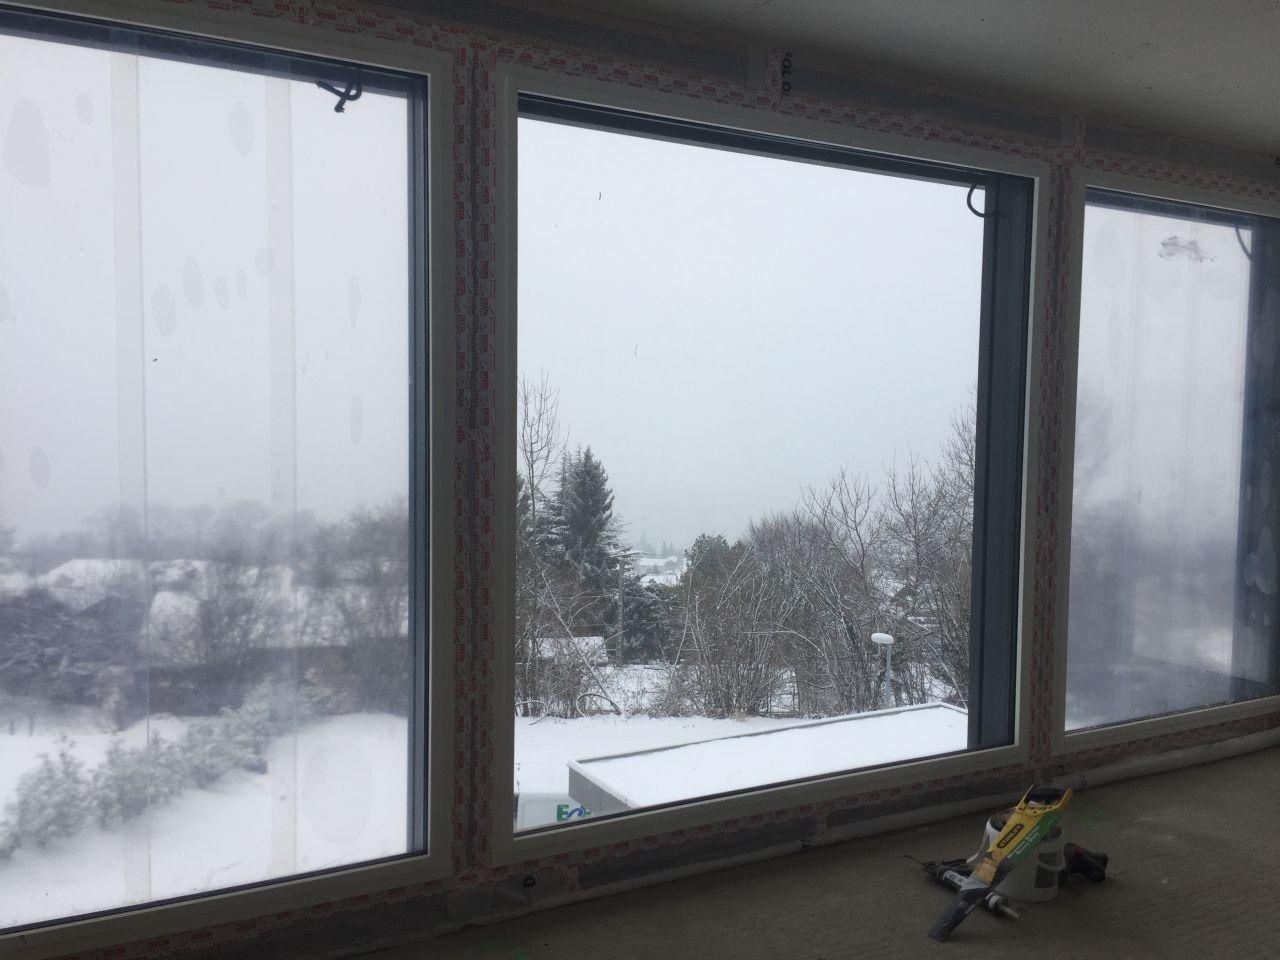 vue depuis l'intérieur sous la neige